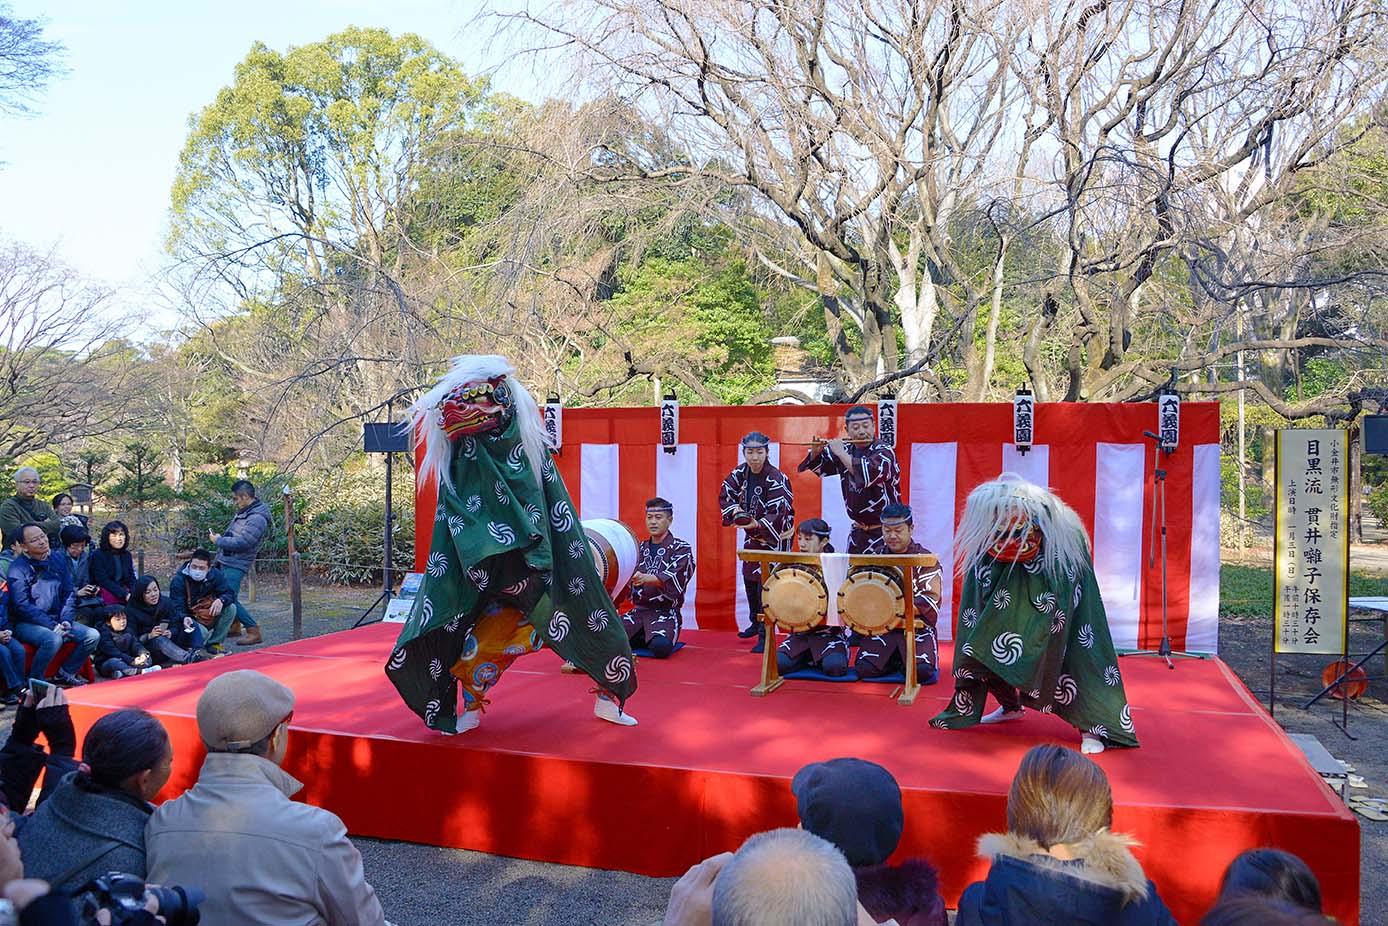 新春を六義園でお祝いしましょう 2017 (amuzen article)